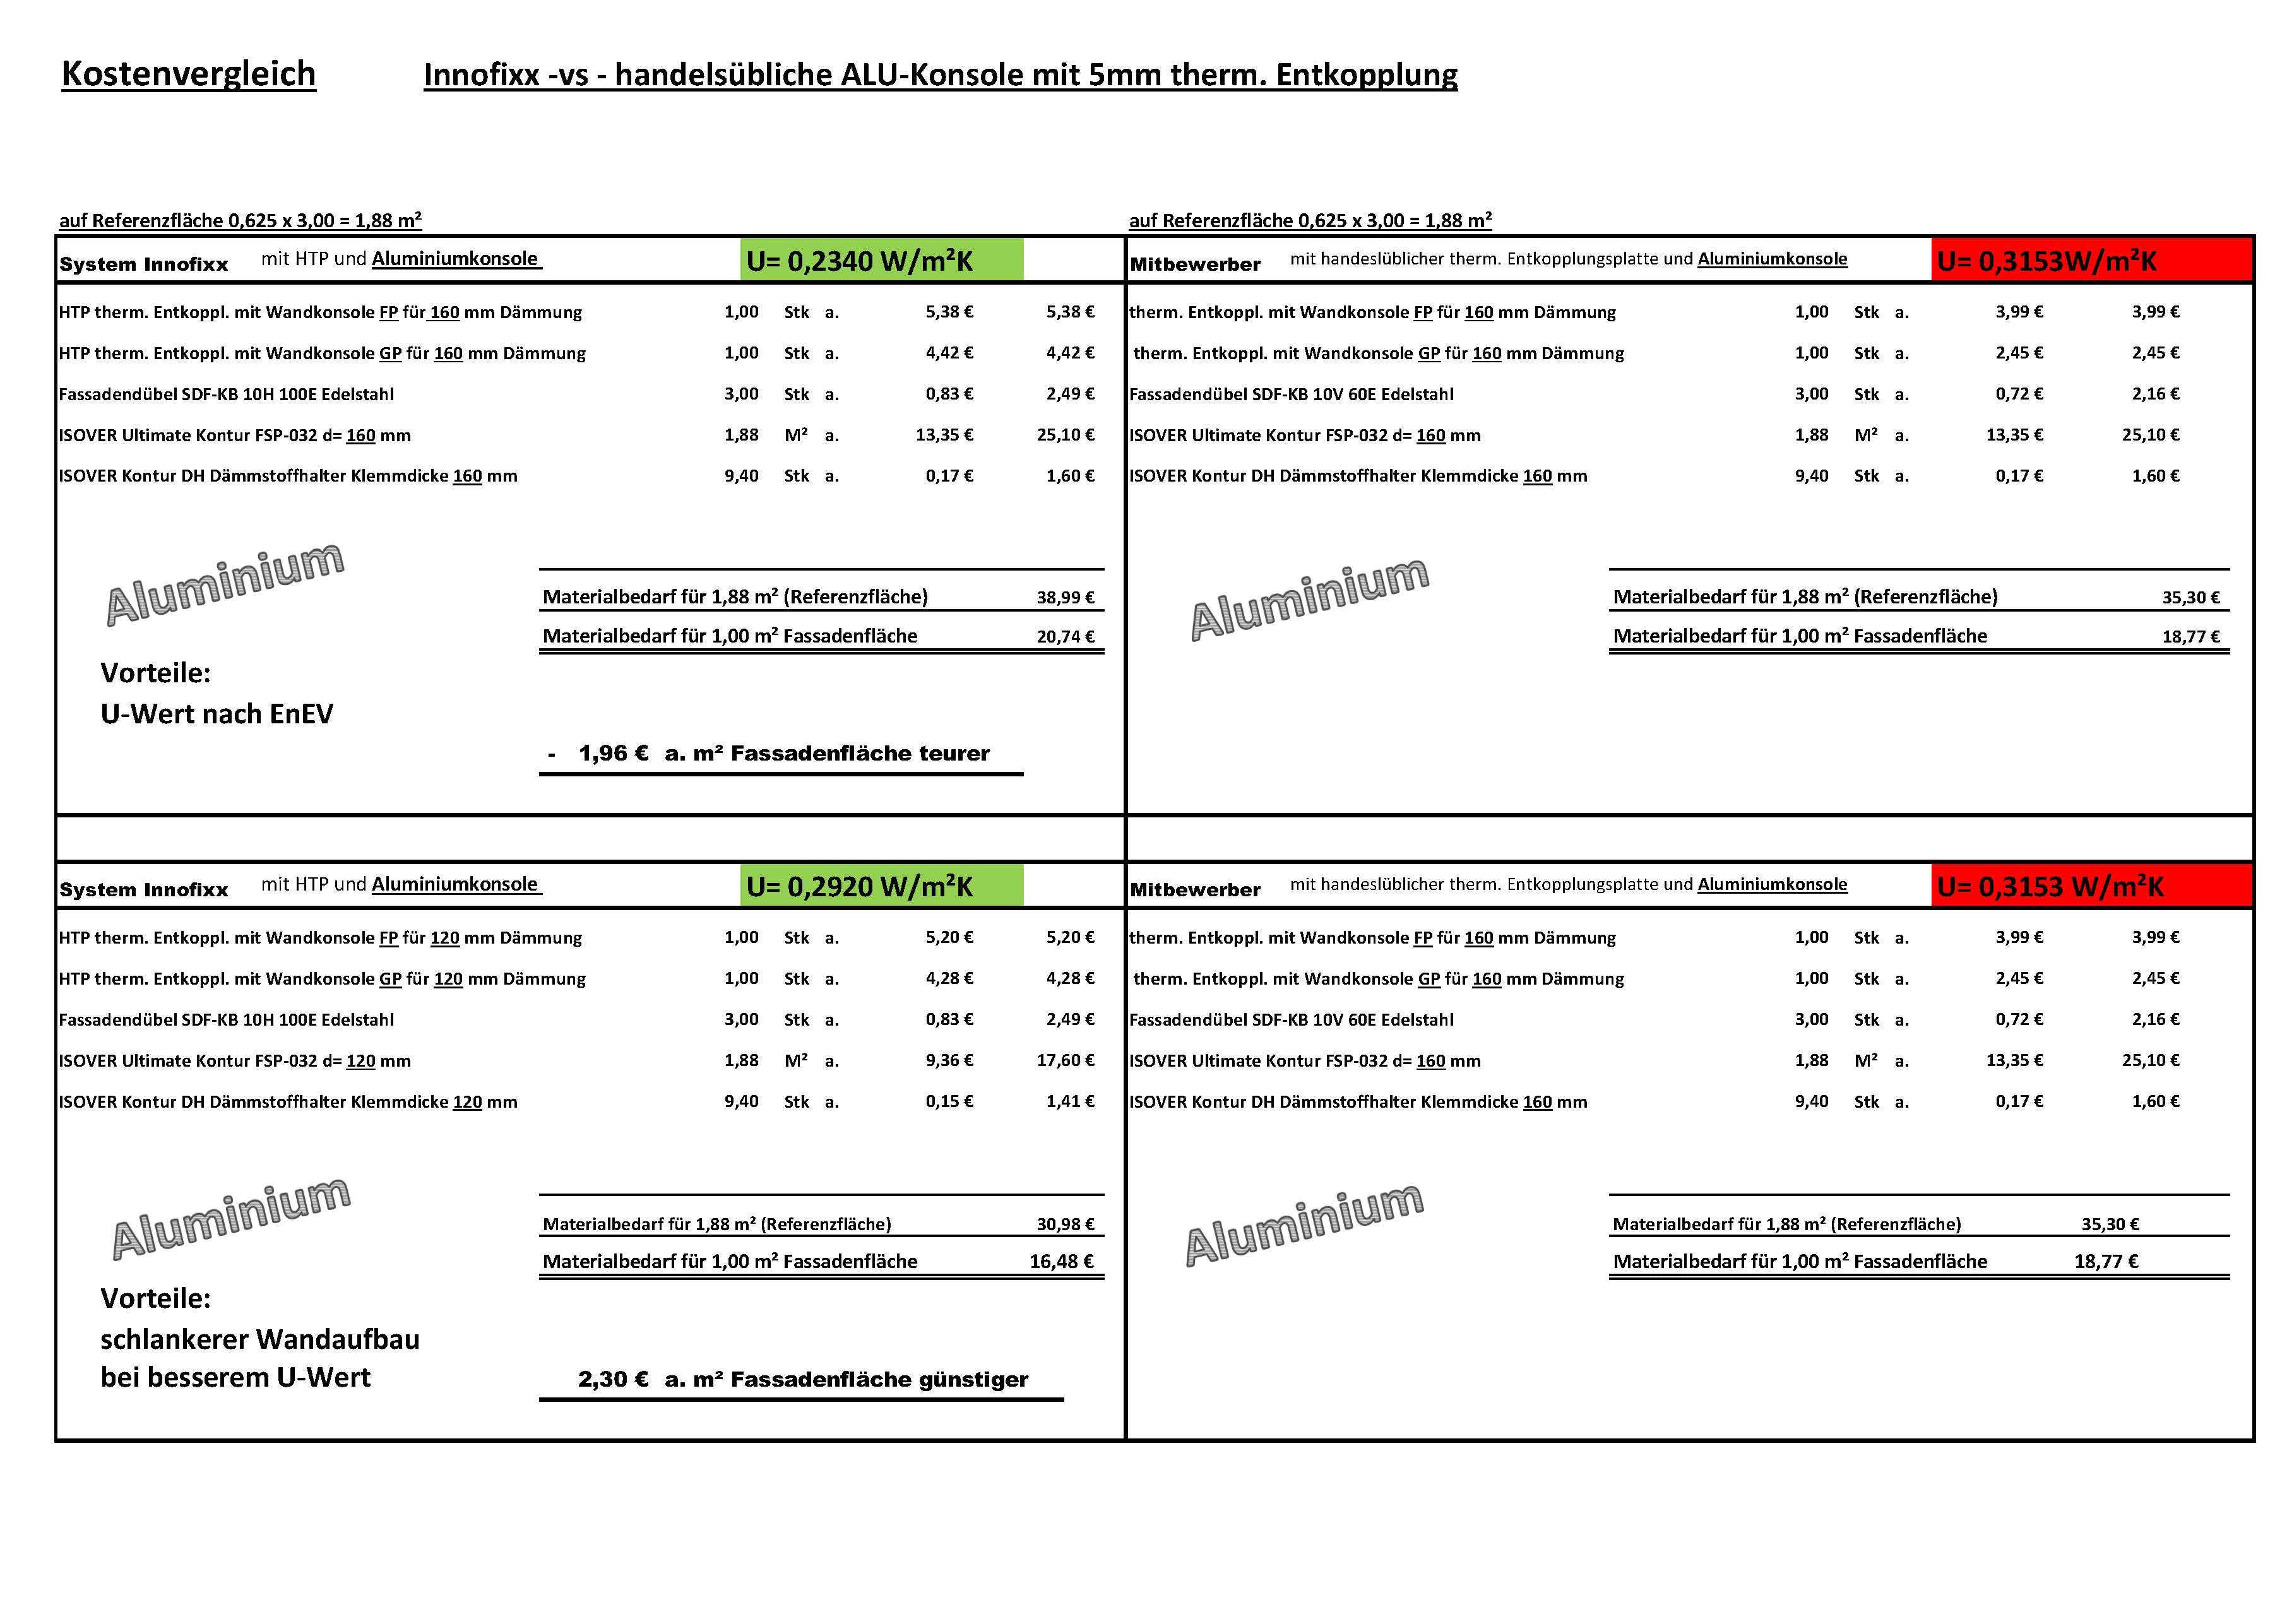 Preisvergleich 100 - 160 mm Stand 07.02.18_Seite_1